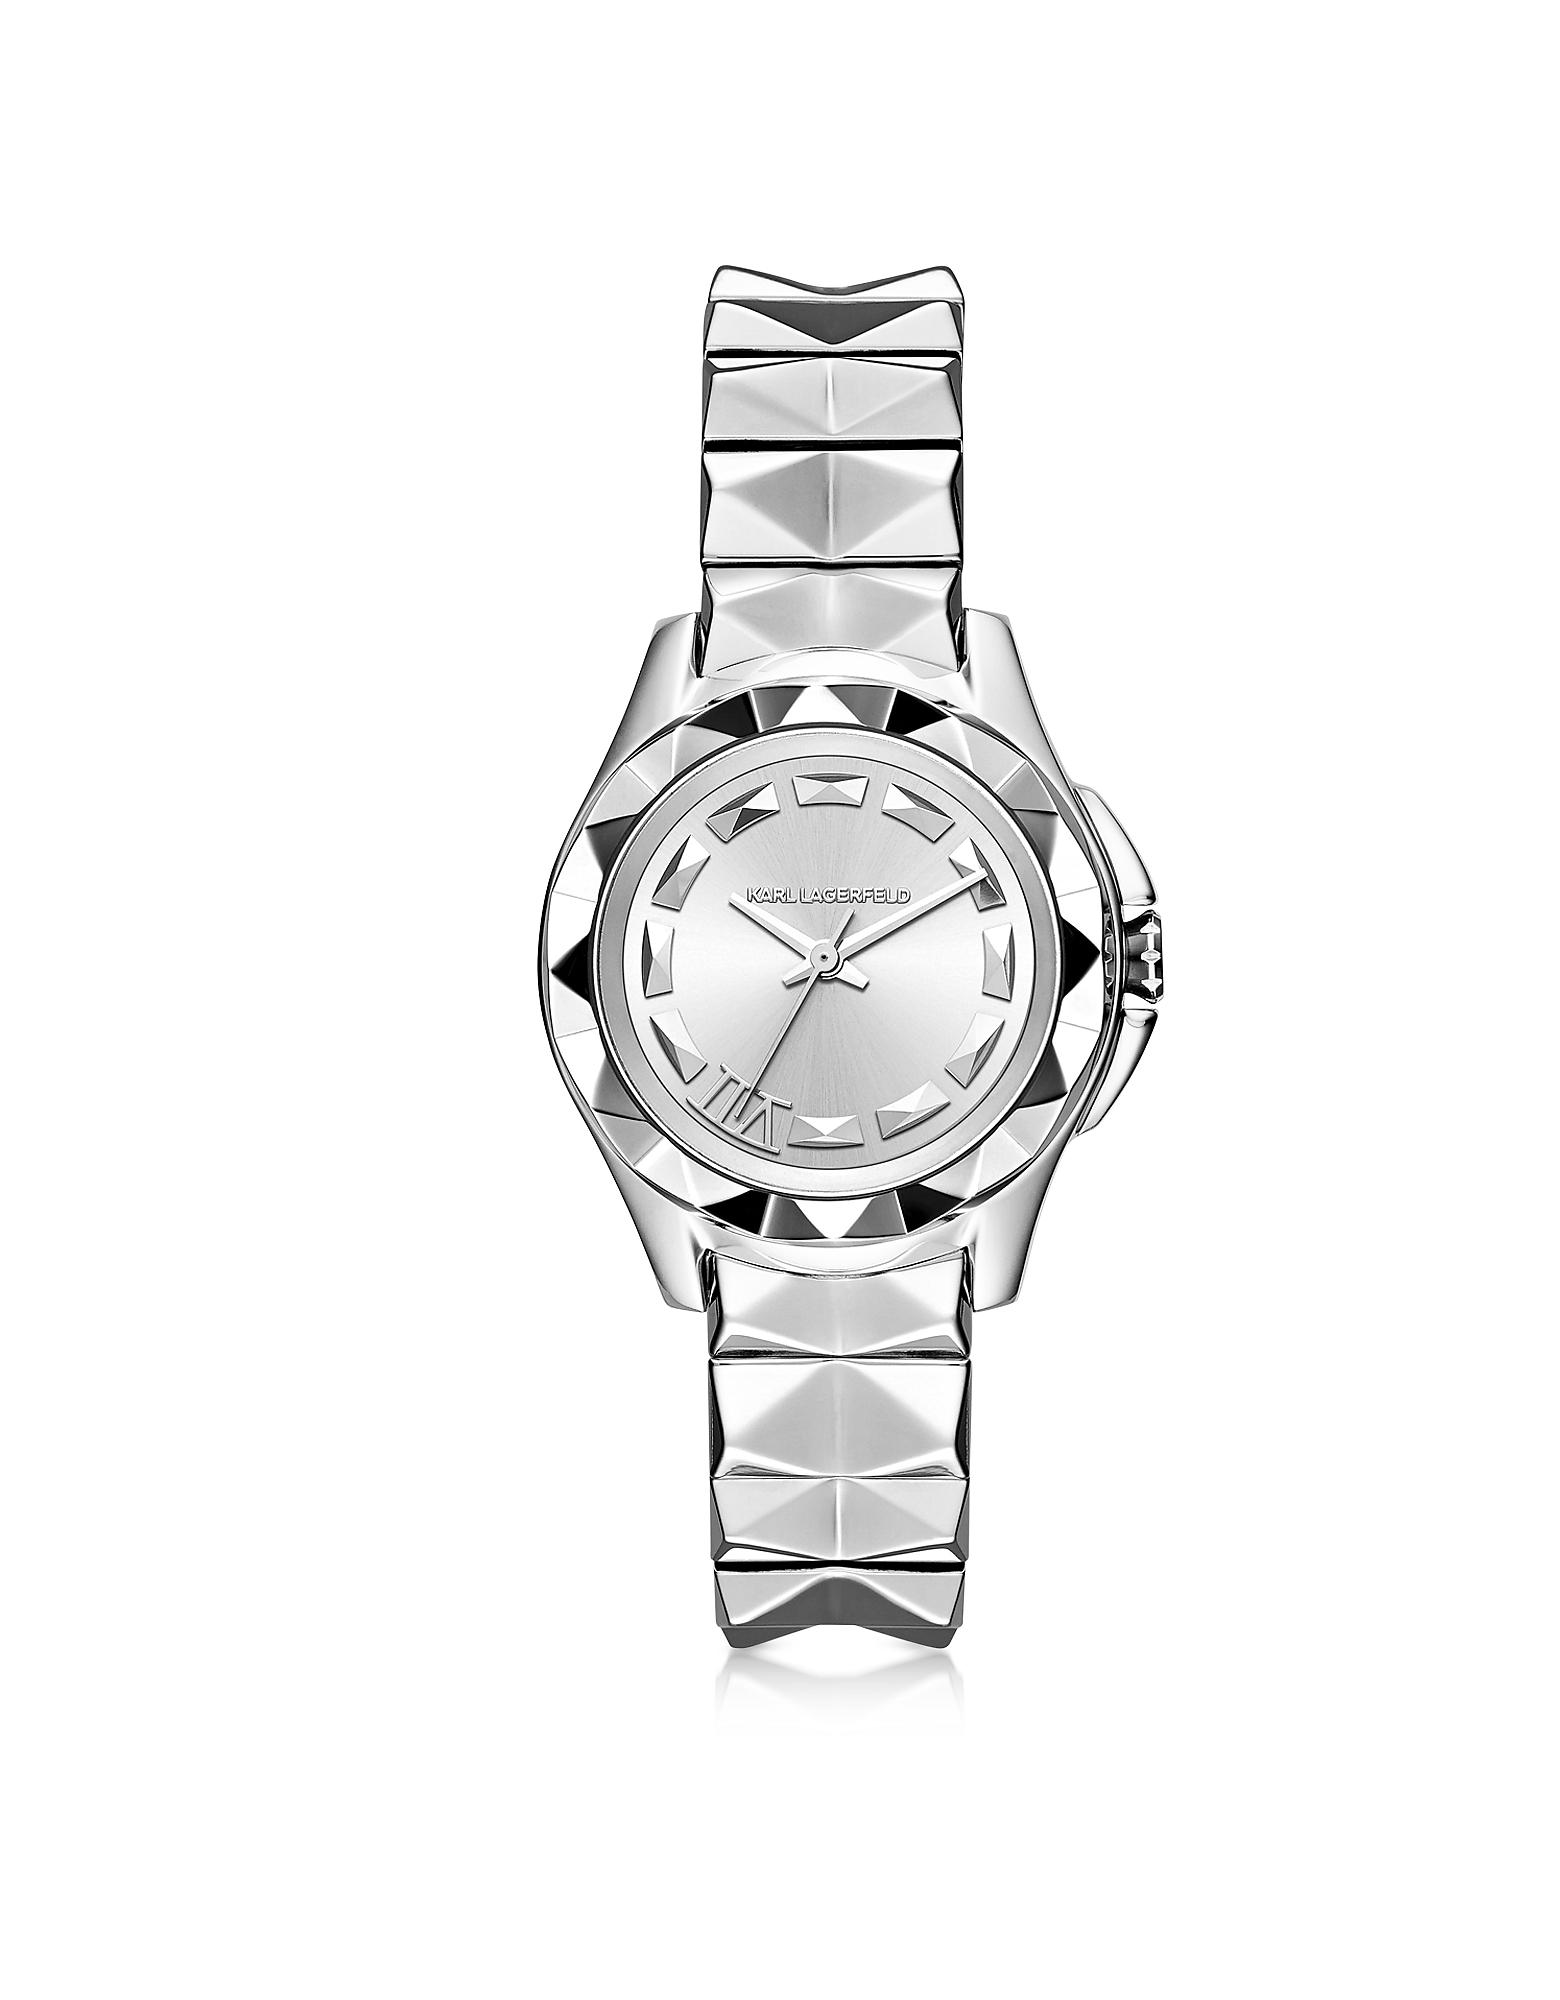 Karl 7 - 30 мм Женские Часы из Нержавеющей Стали с Напылением Серебра